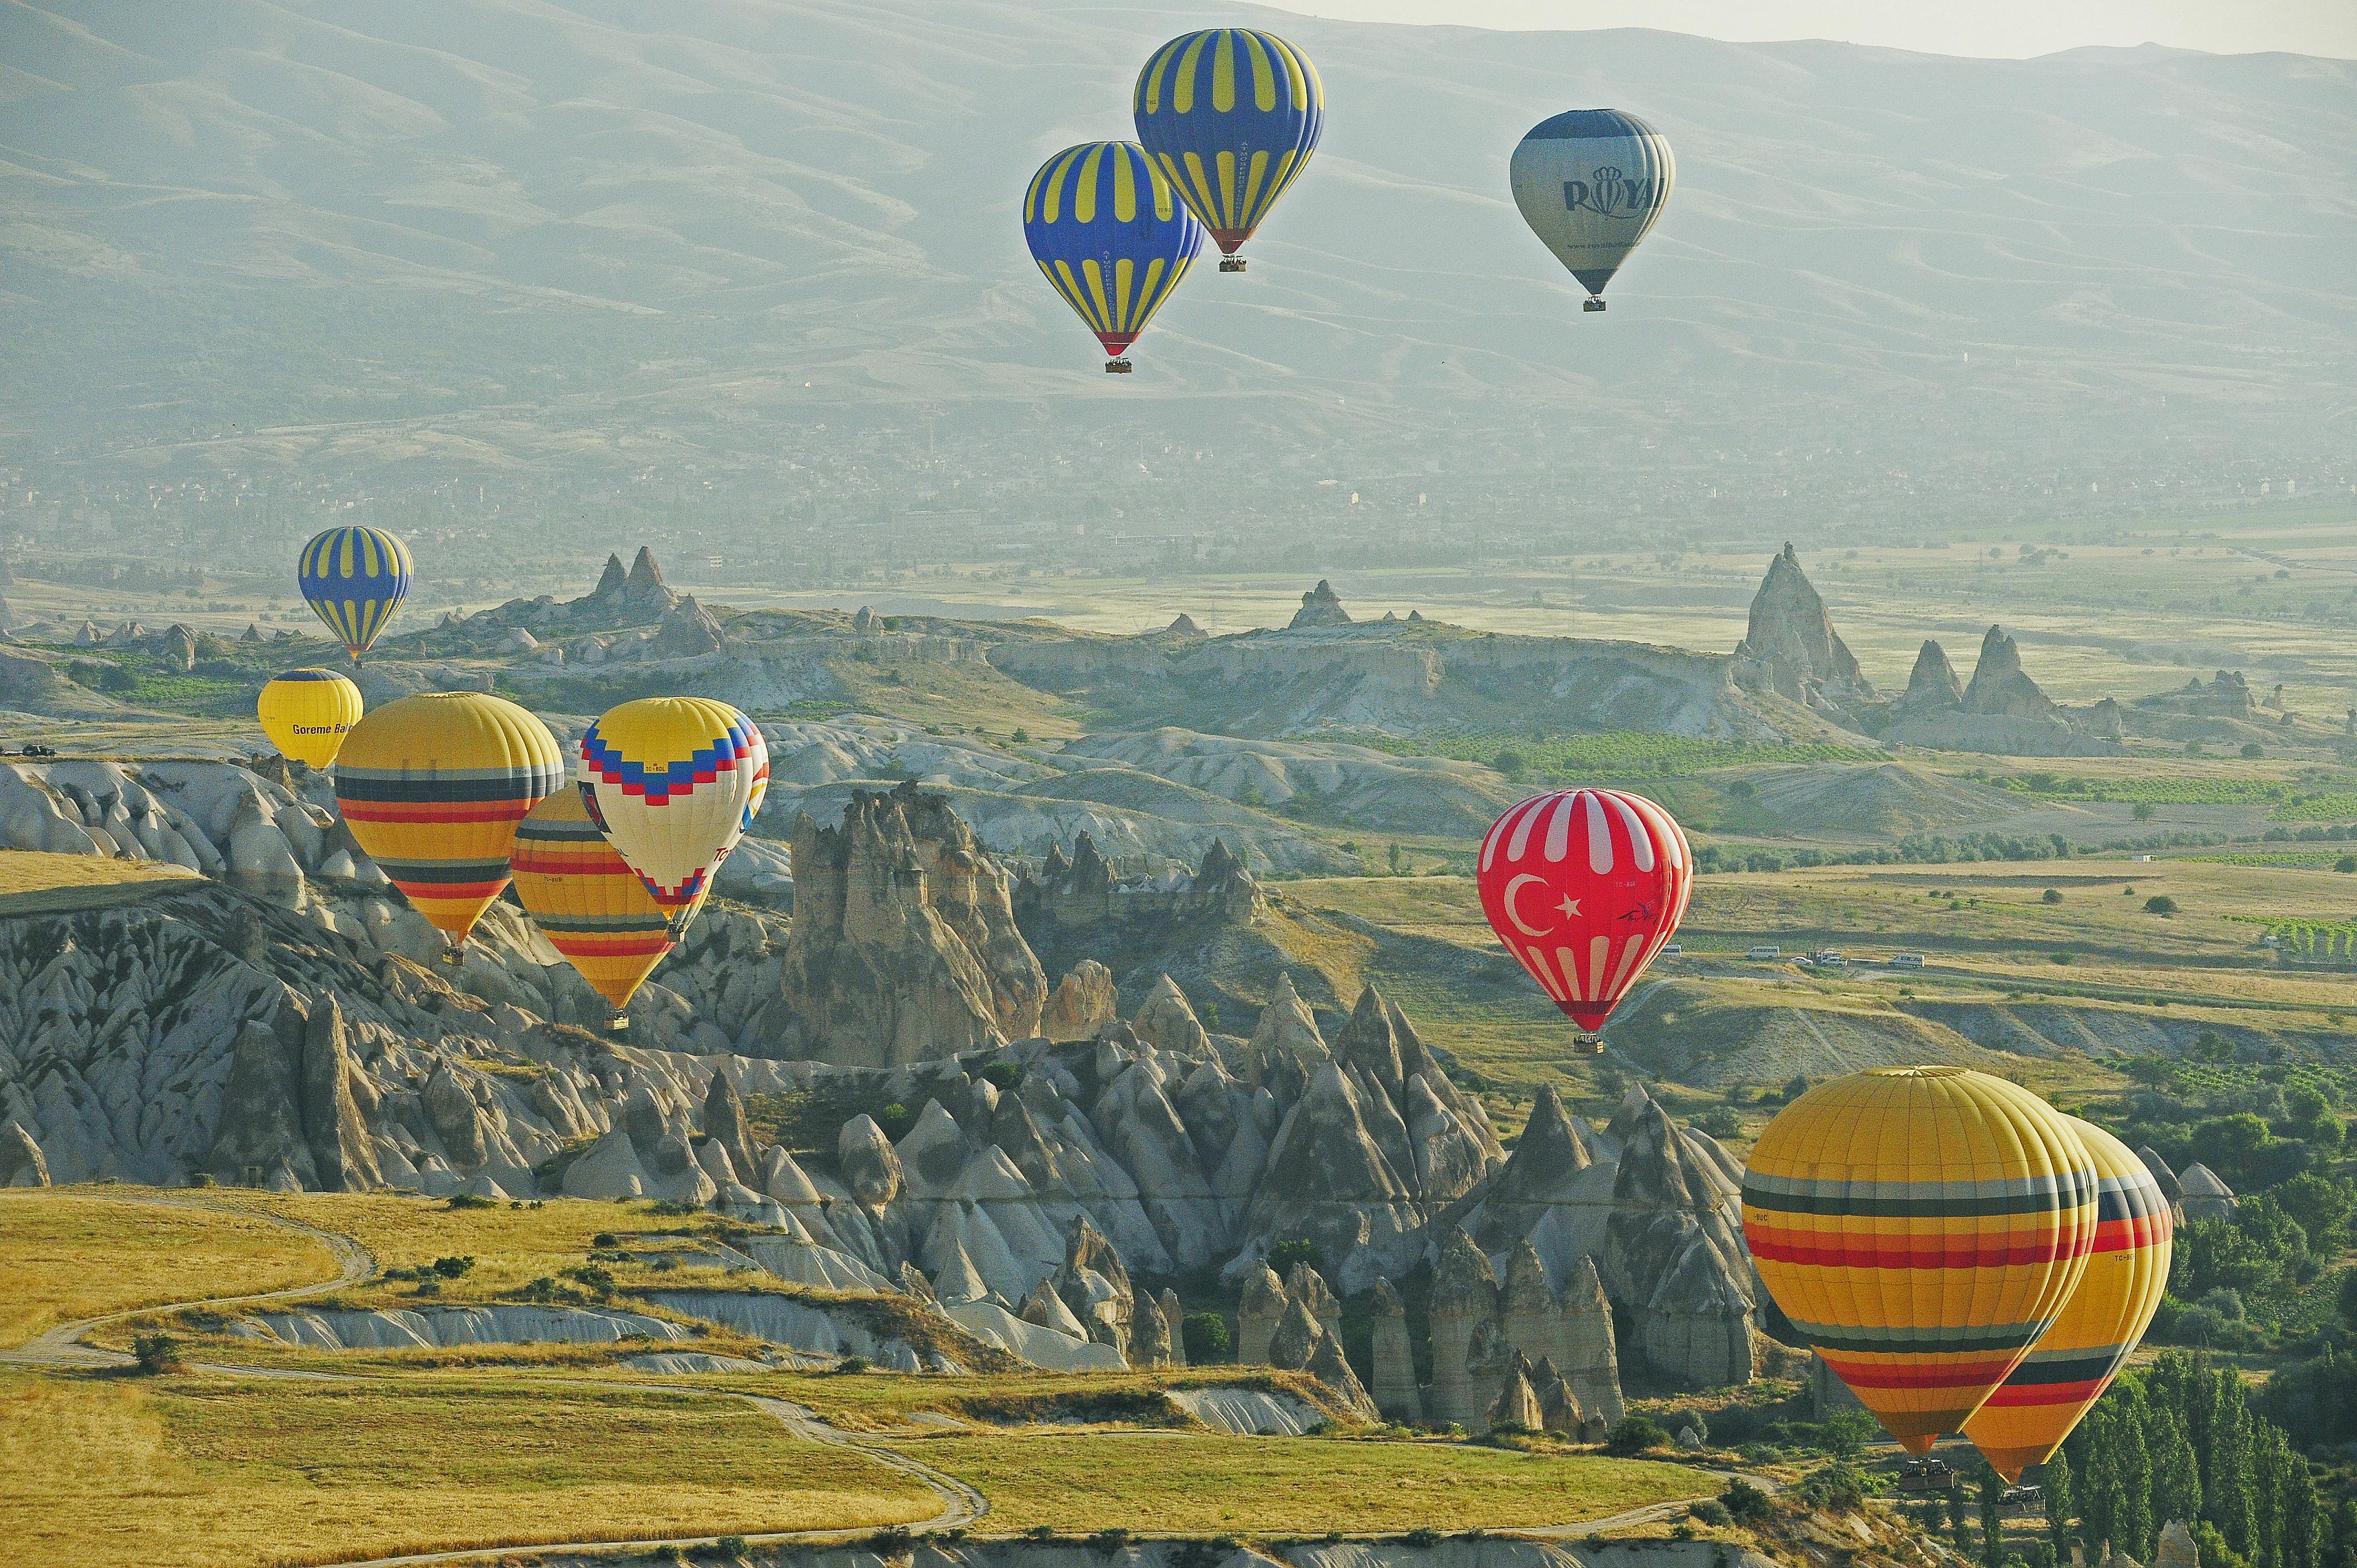 Céu colorido de balões, Capadócia, Turquia